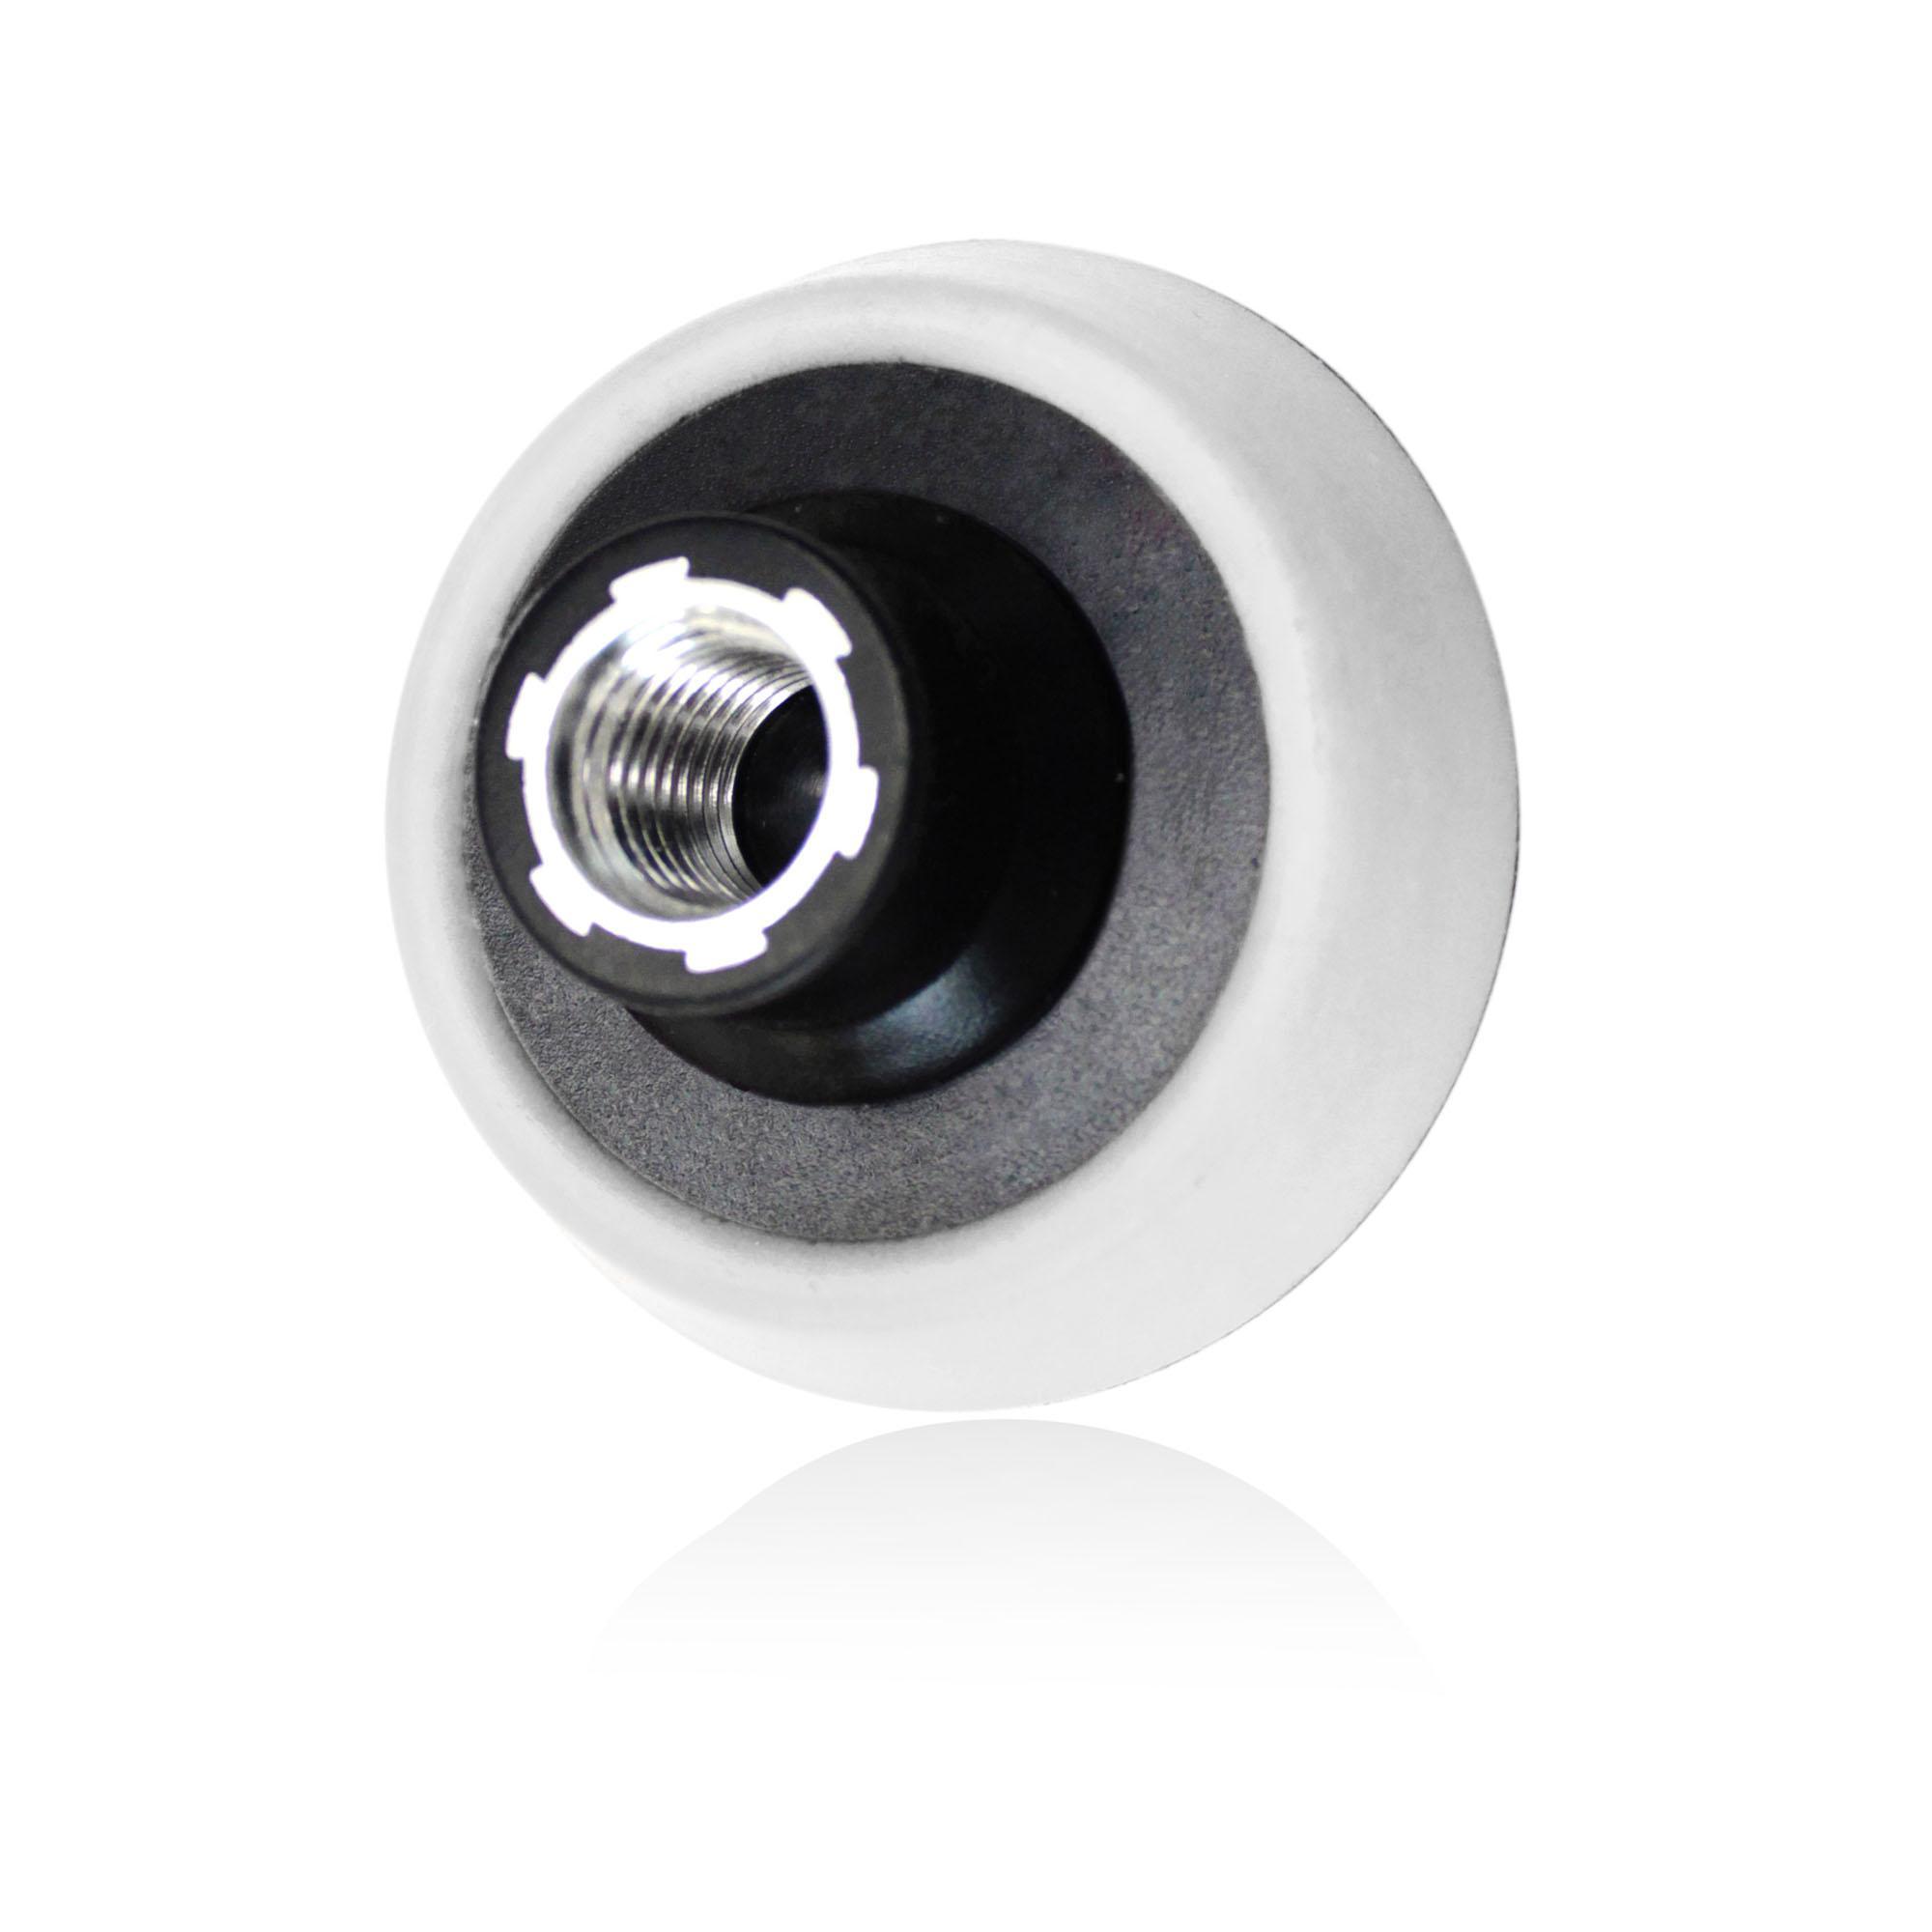 Đế phớt đánh bóng 3in dùng gắn phớt 3.2in/80mm/M14 MaxShine RO Polisher Backing Plate 3041075